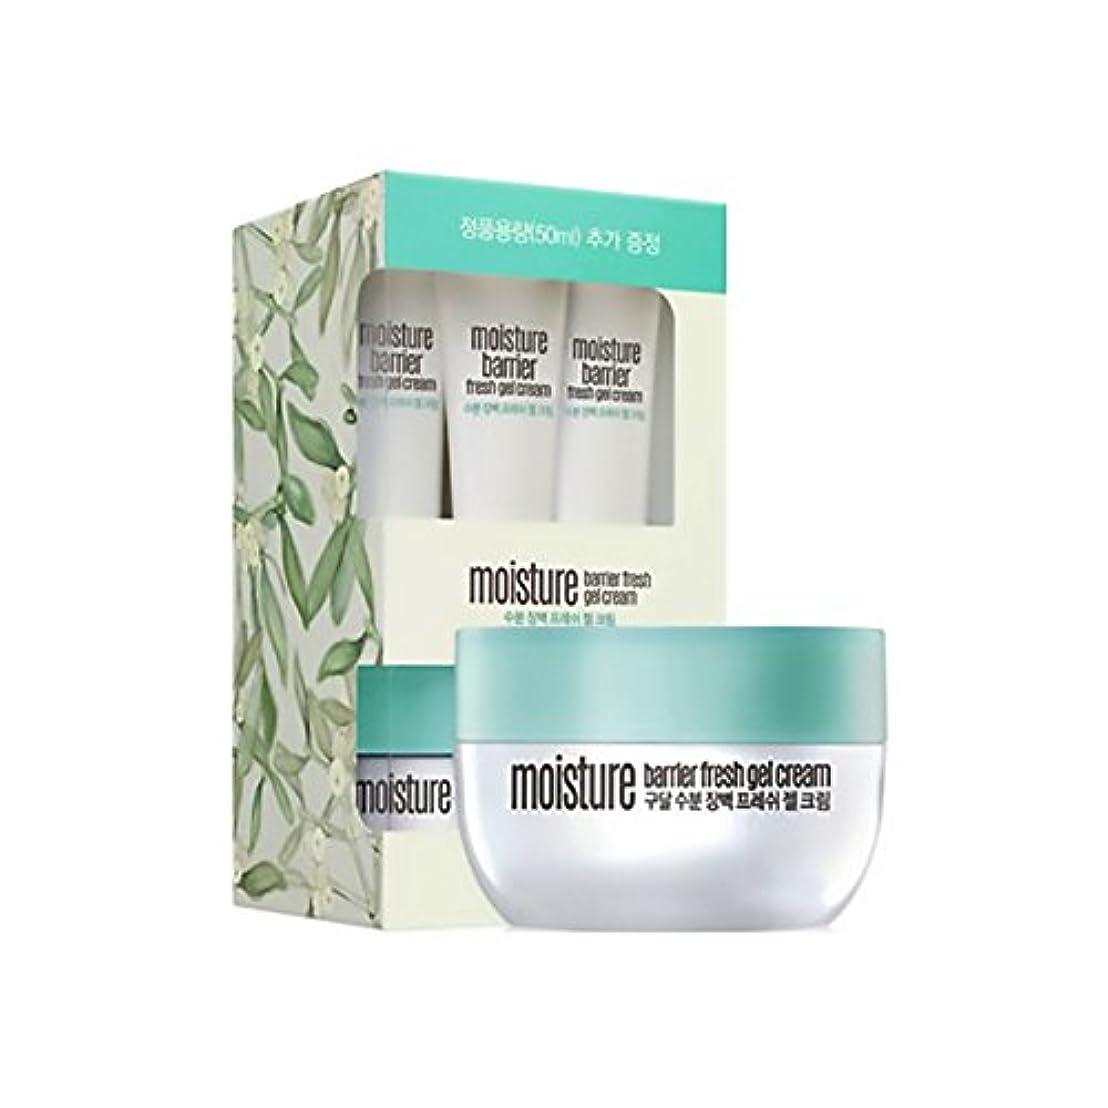 混雑囲む下にgoodal moisture barrier fresh gel cream set